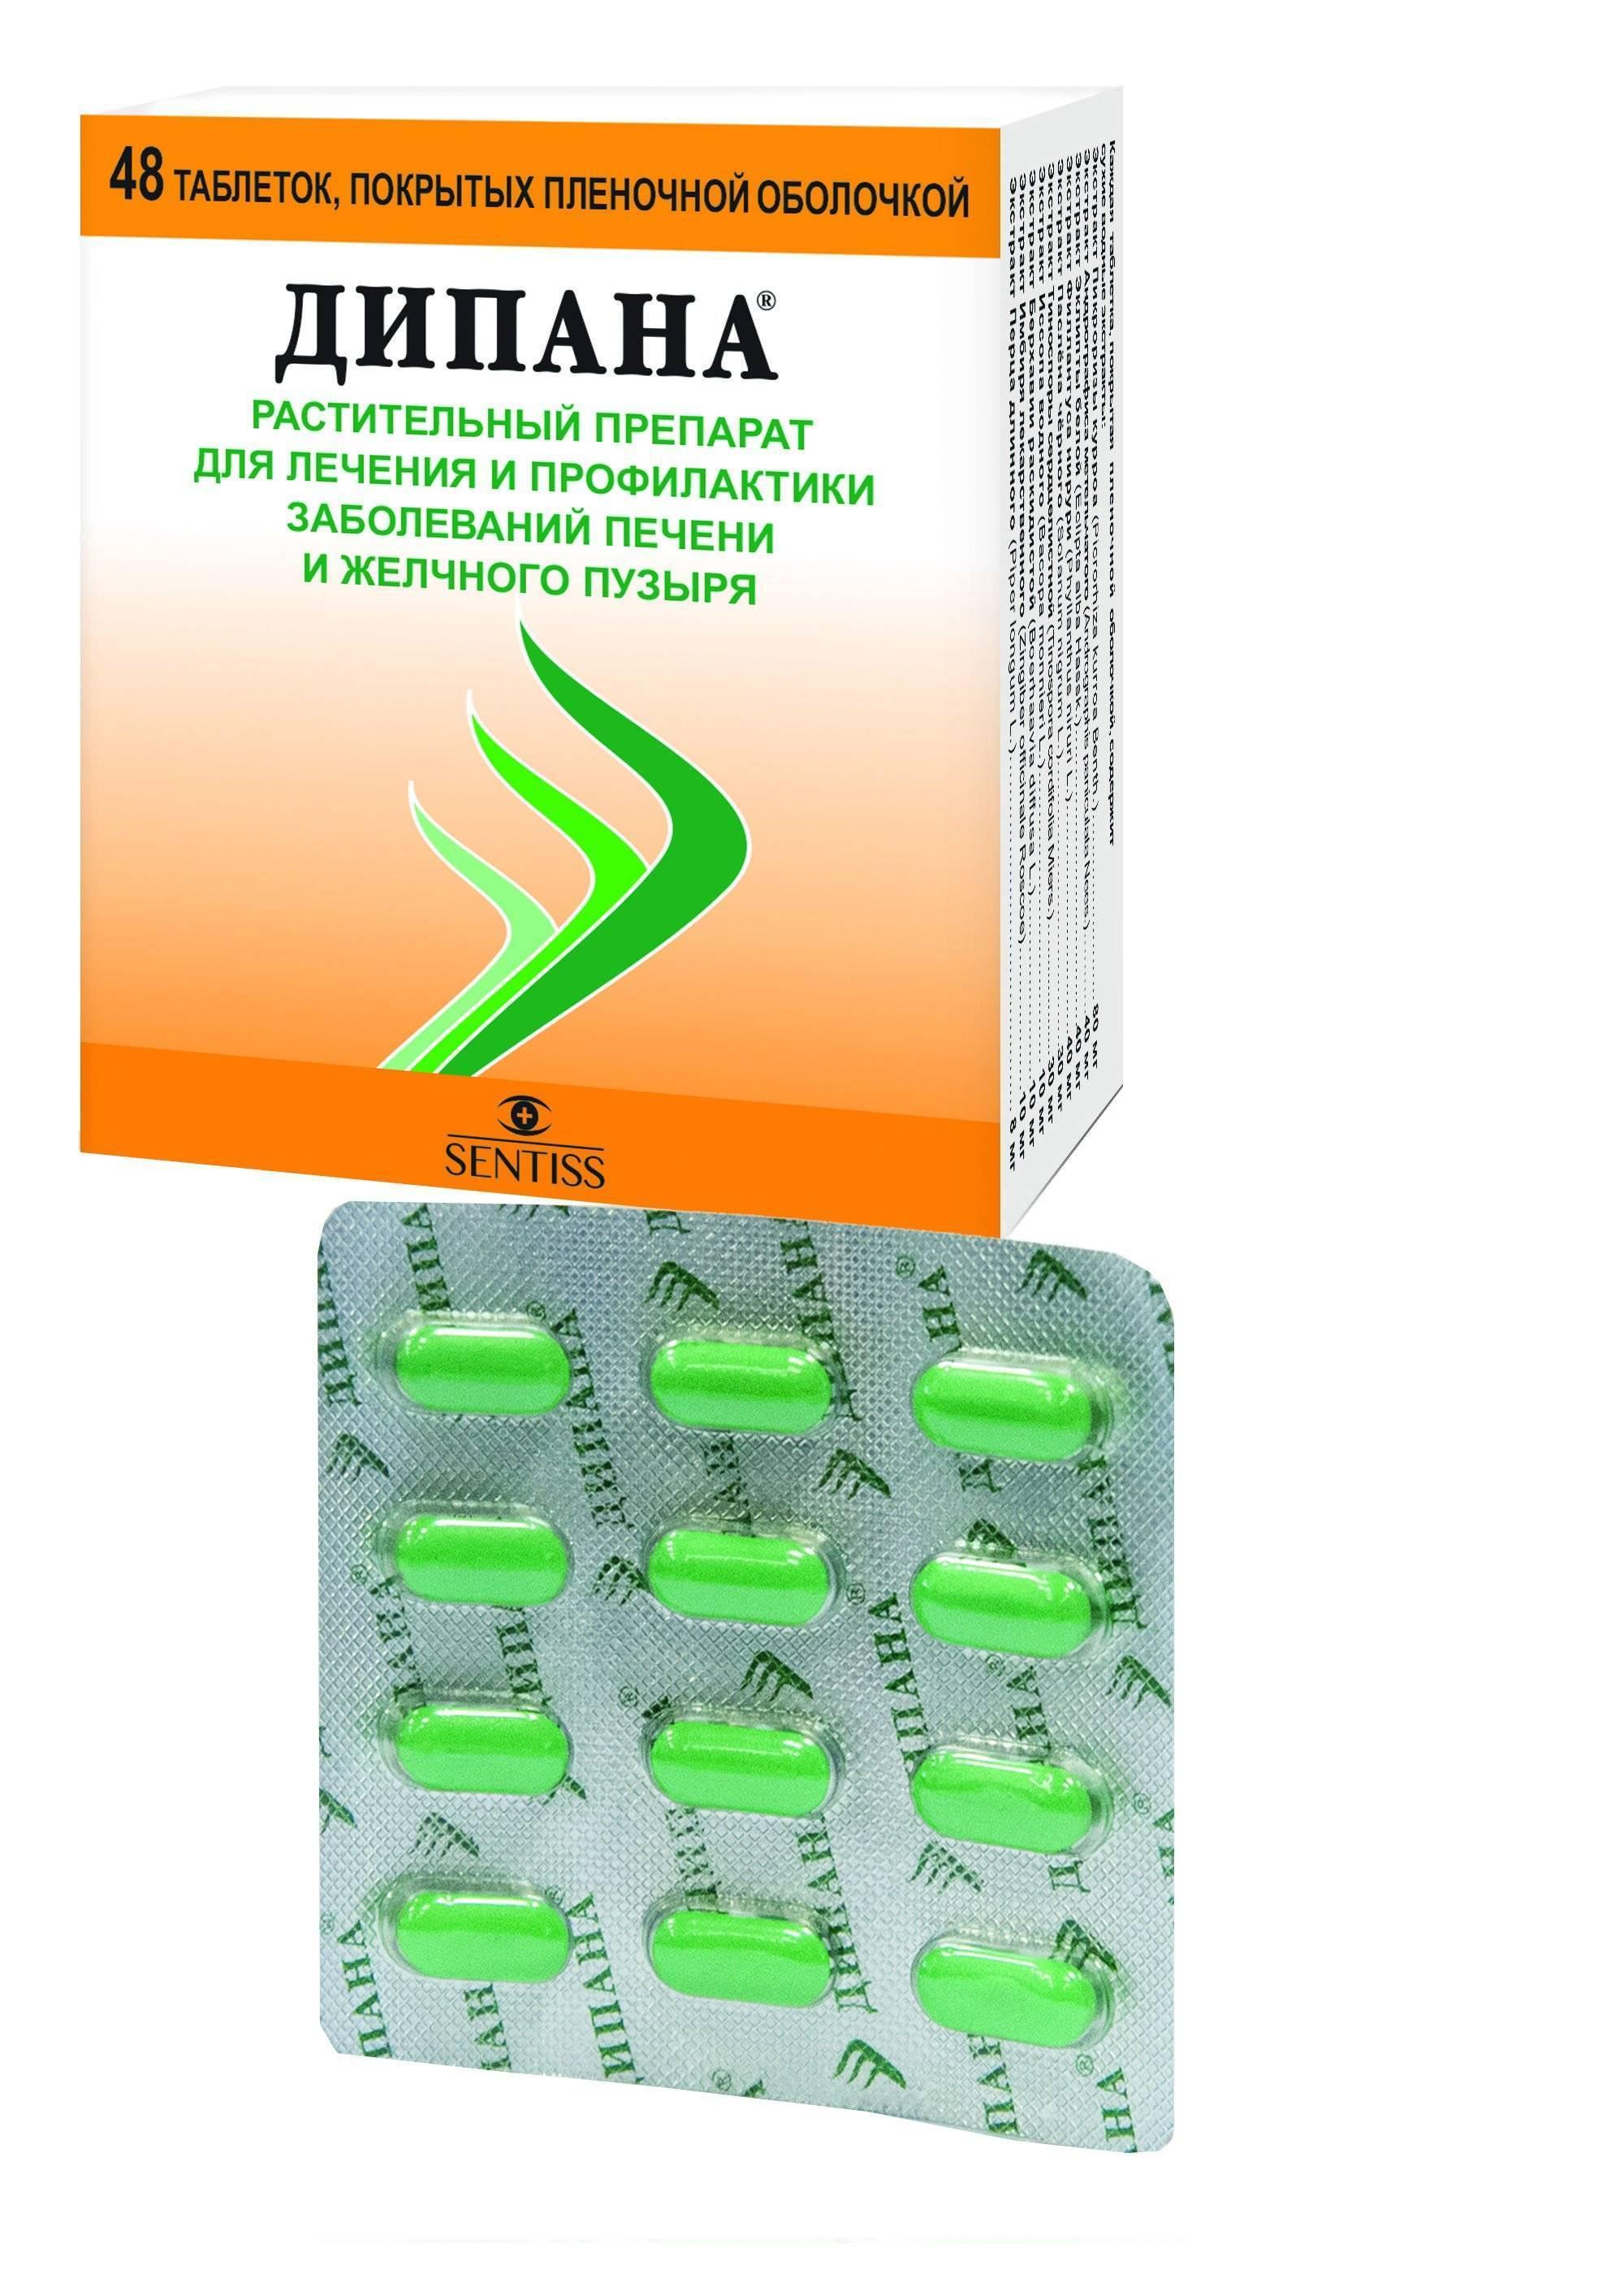 препараты для желчного пузыря